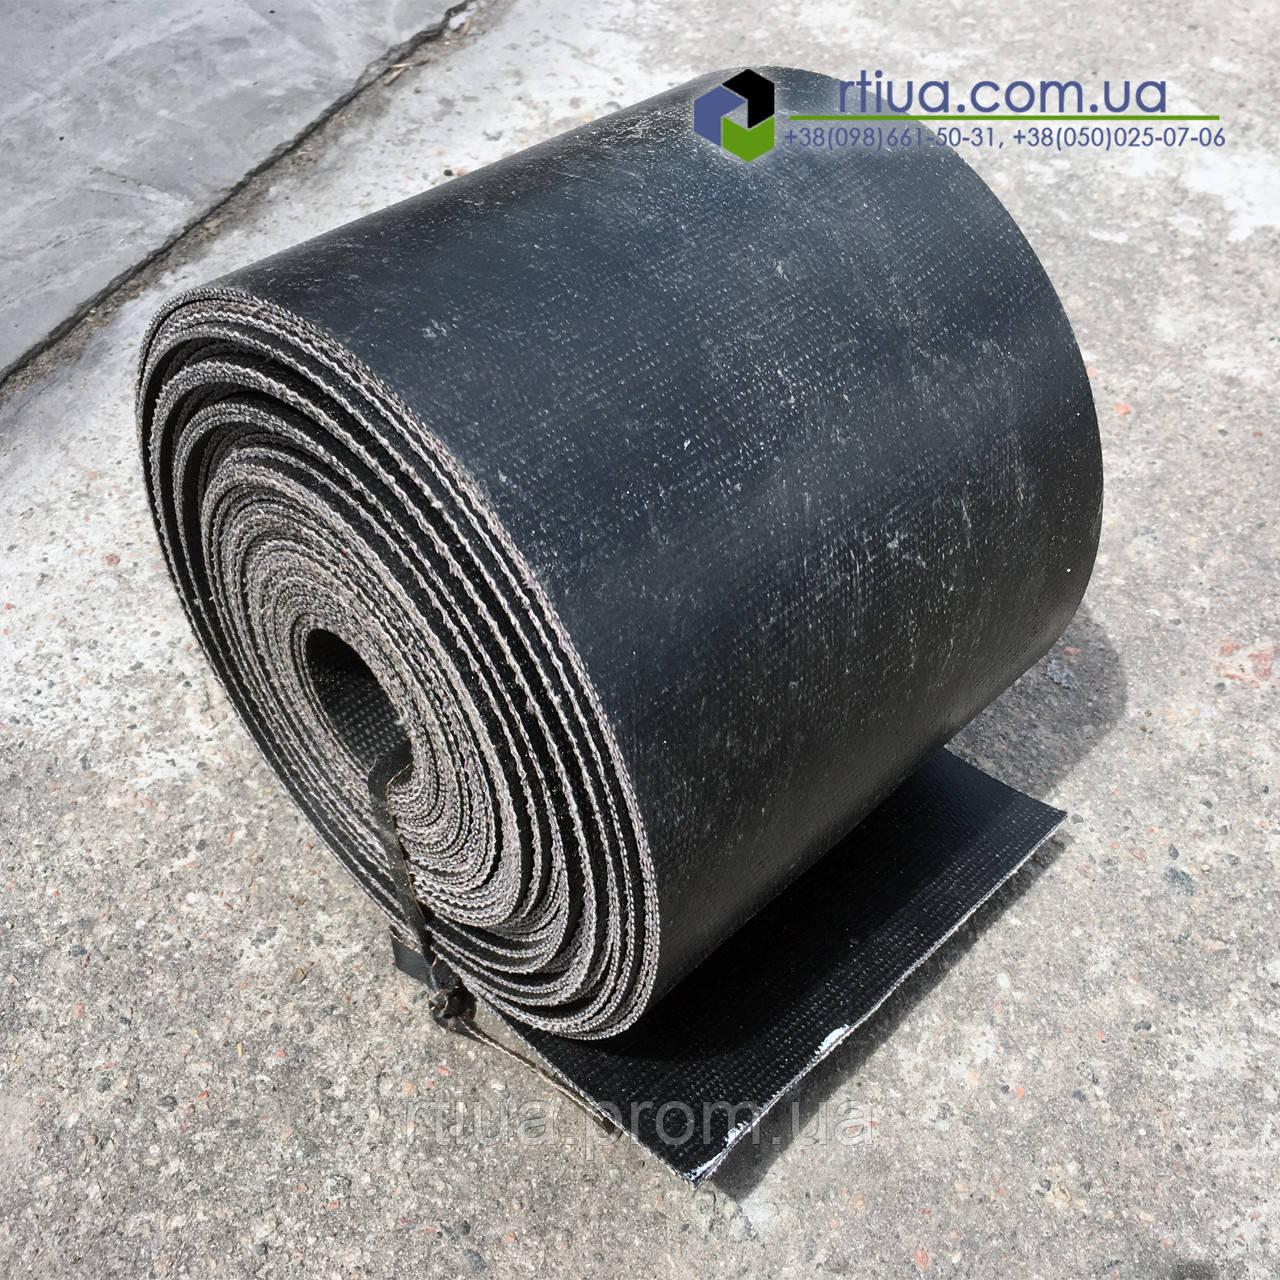 Транспортерная лента БКНЛ, 300х5 мм